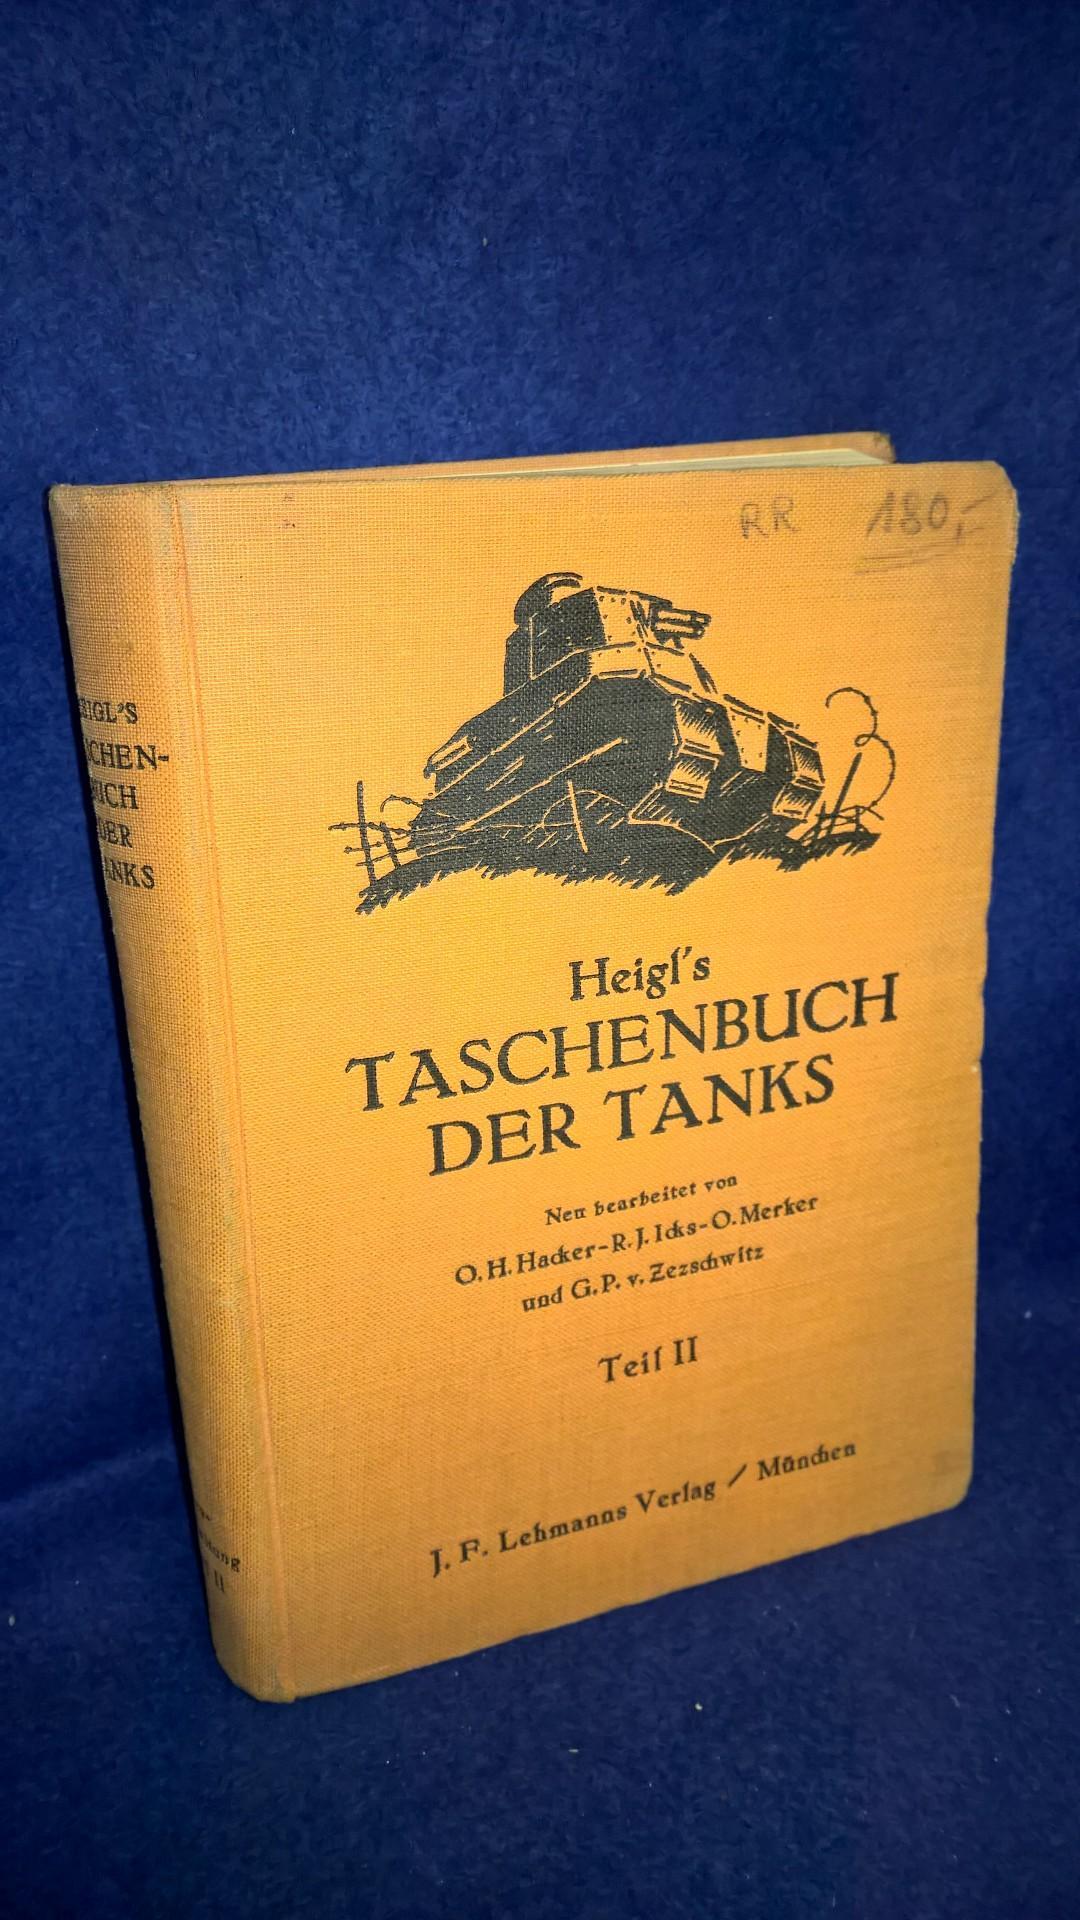 Heigl´s Taschenbuch der Tanks. Teil II: Panzererkennungsdienst G-Z Panzerzüge und Panzerdraisinen. Orginal-Ausgabe!!